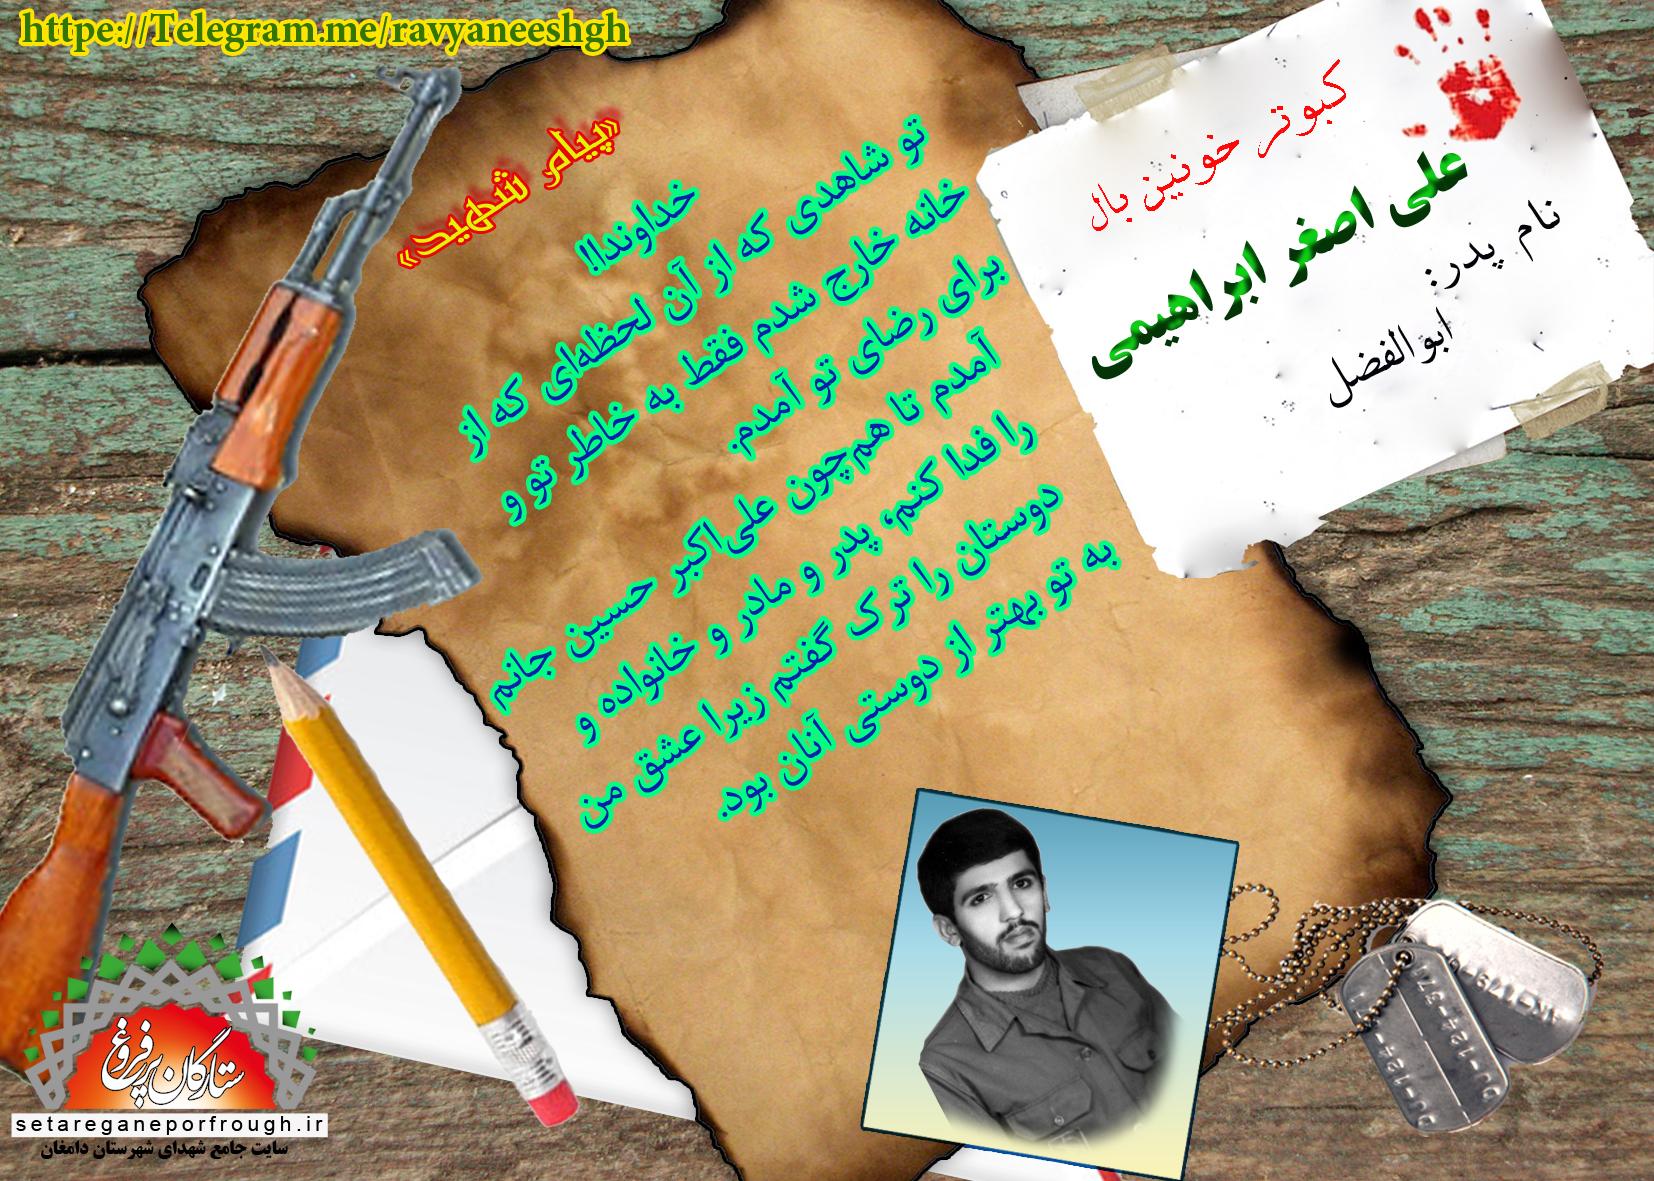 پیام شهید _گزیدهای از وصیت نامه شهید علیاصغرابراهیمی ورکیانی